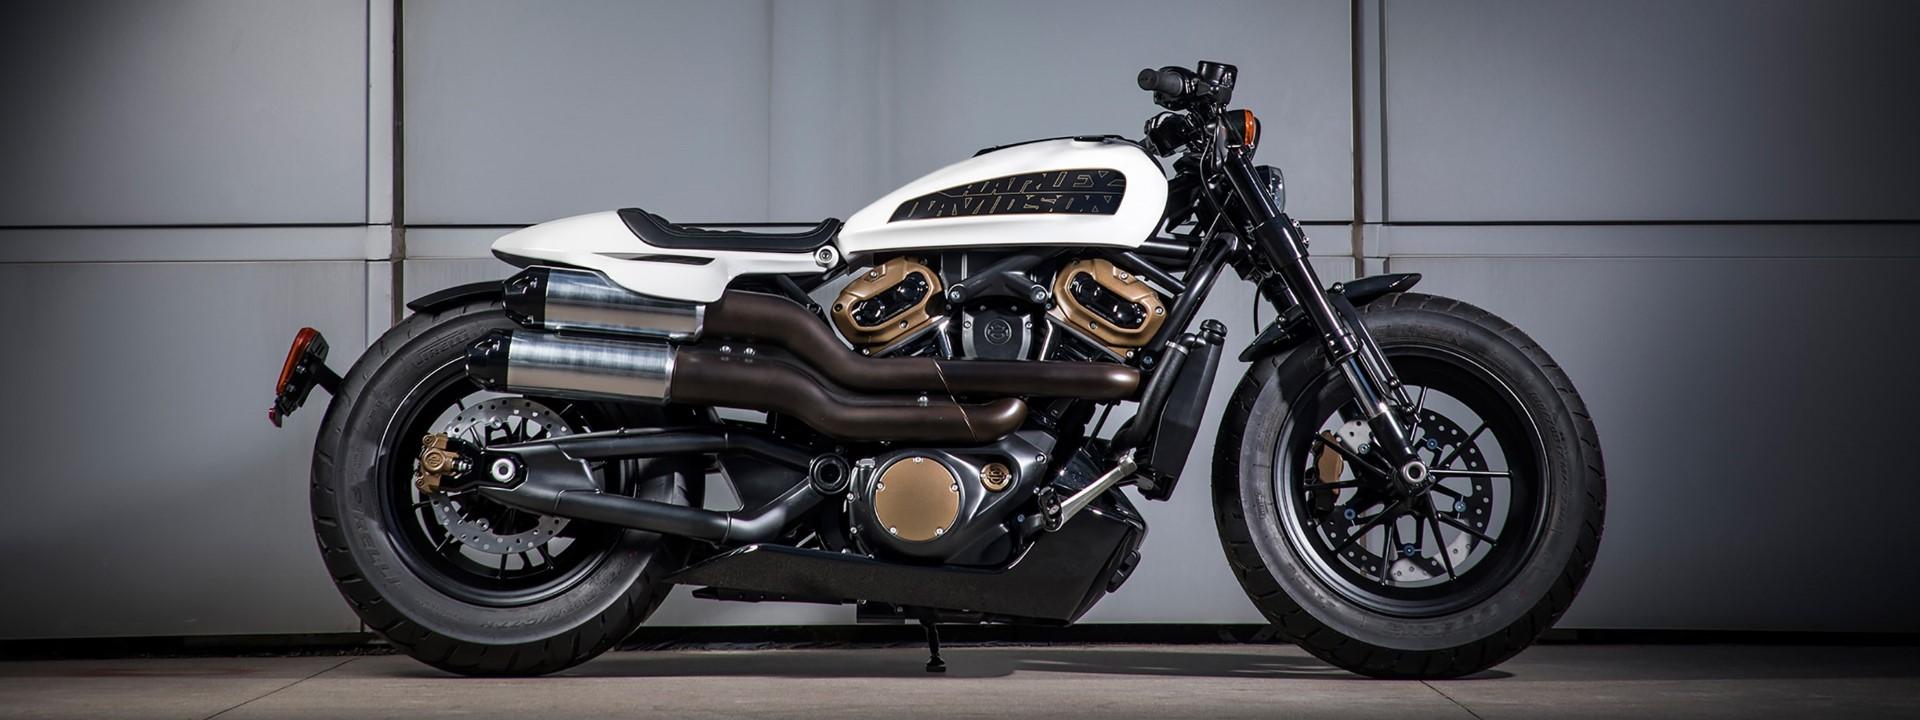 Harley Davidson Custom 1250